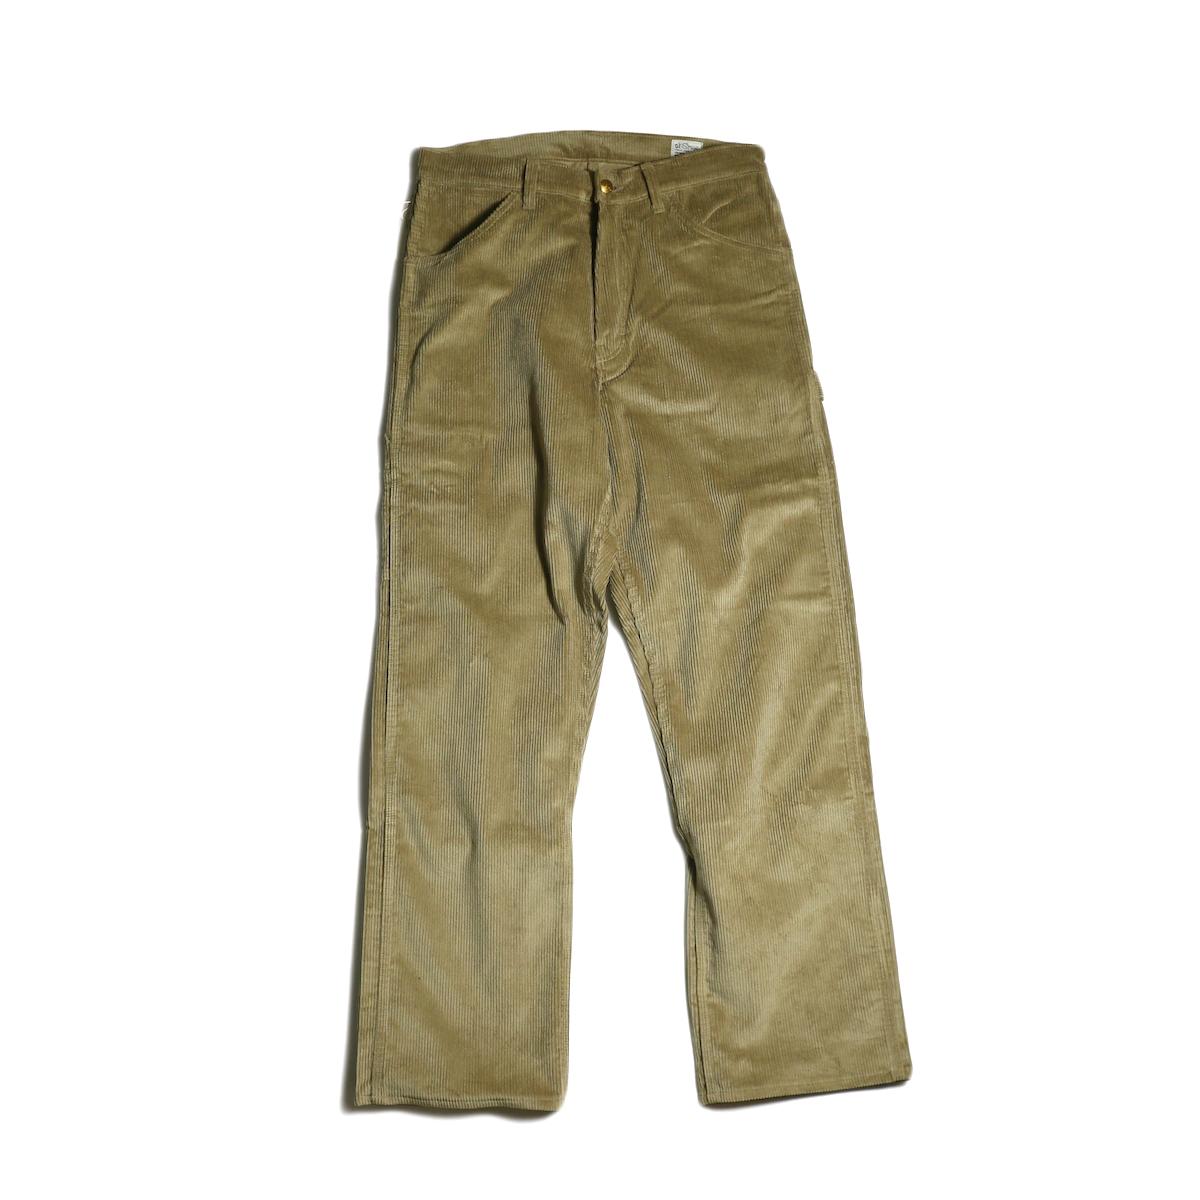 orSlow / PAINTER PANTS (Cords Khaki)